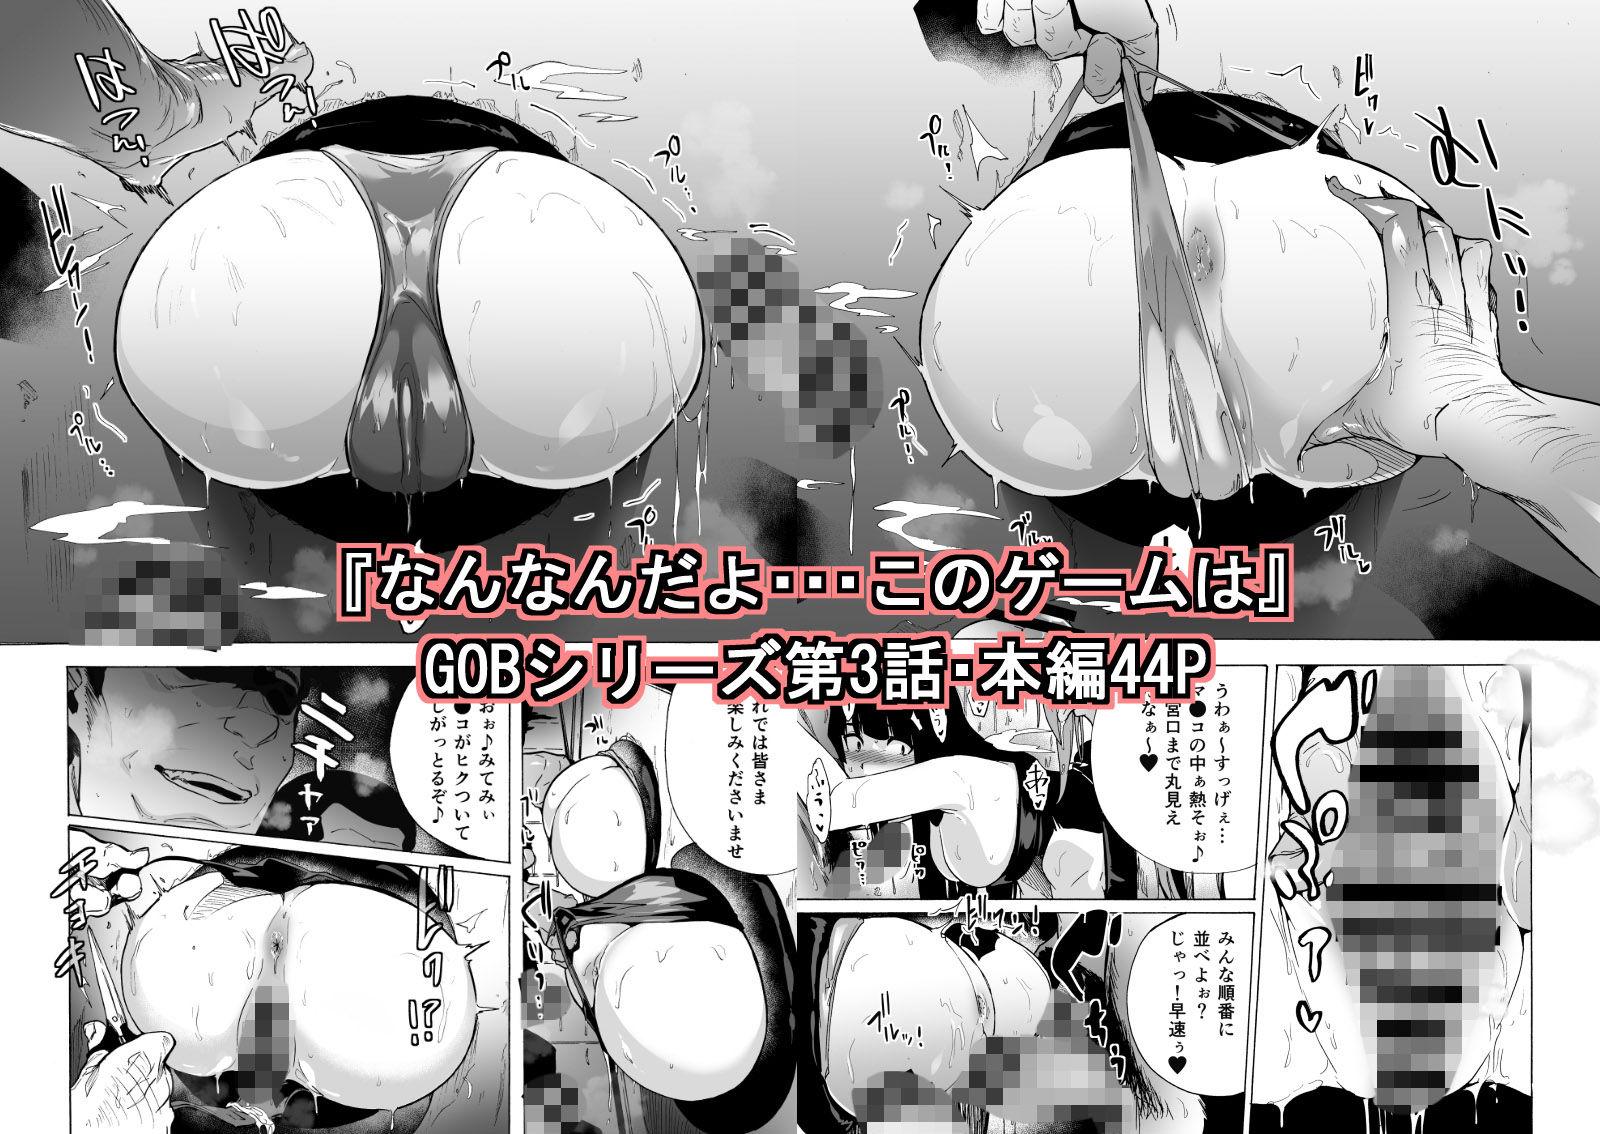 ゲームオブビッチーズ 第3話 画像